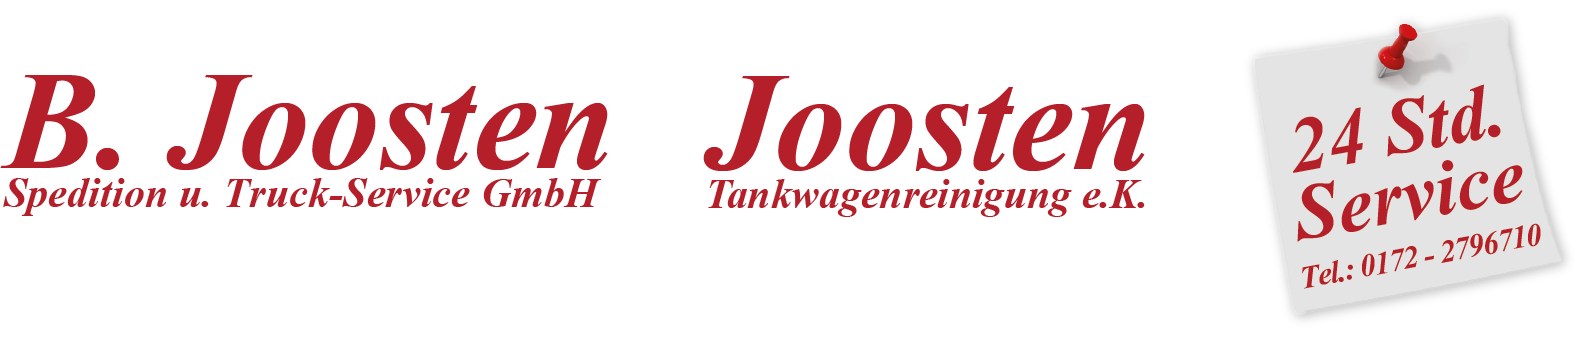 B. Joosten / Joosten Tankwagenreinigung